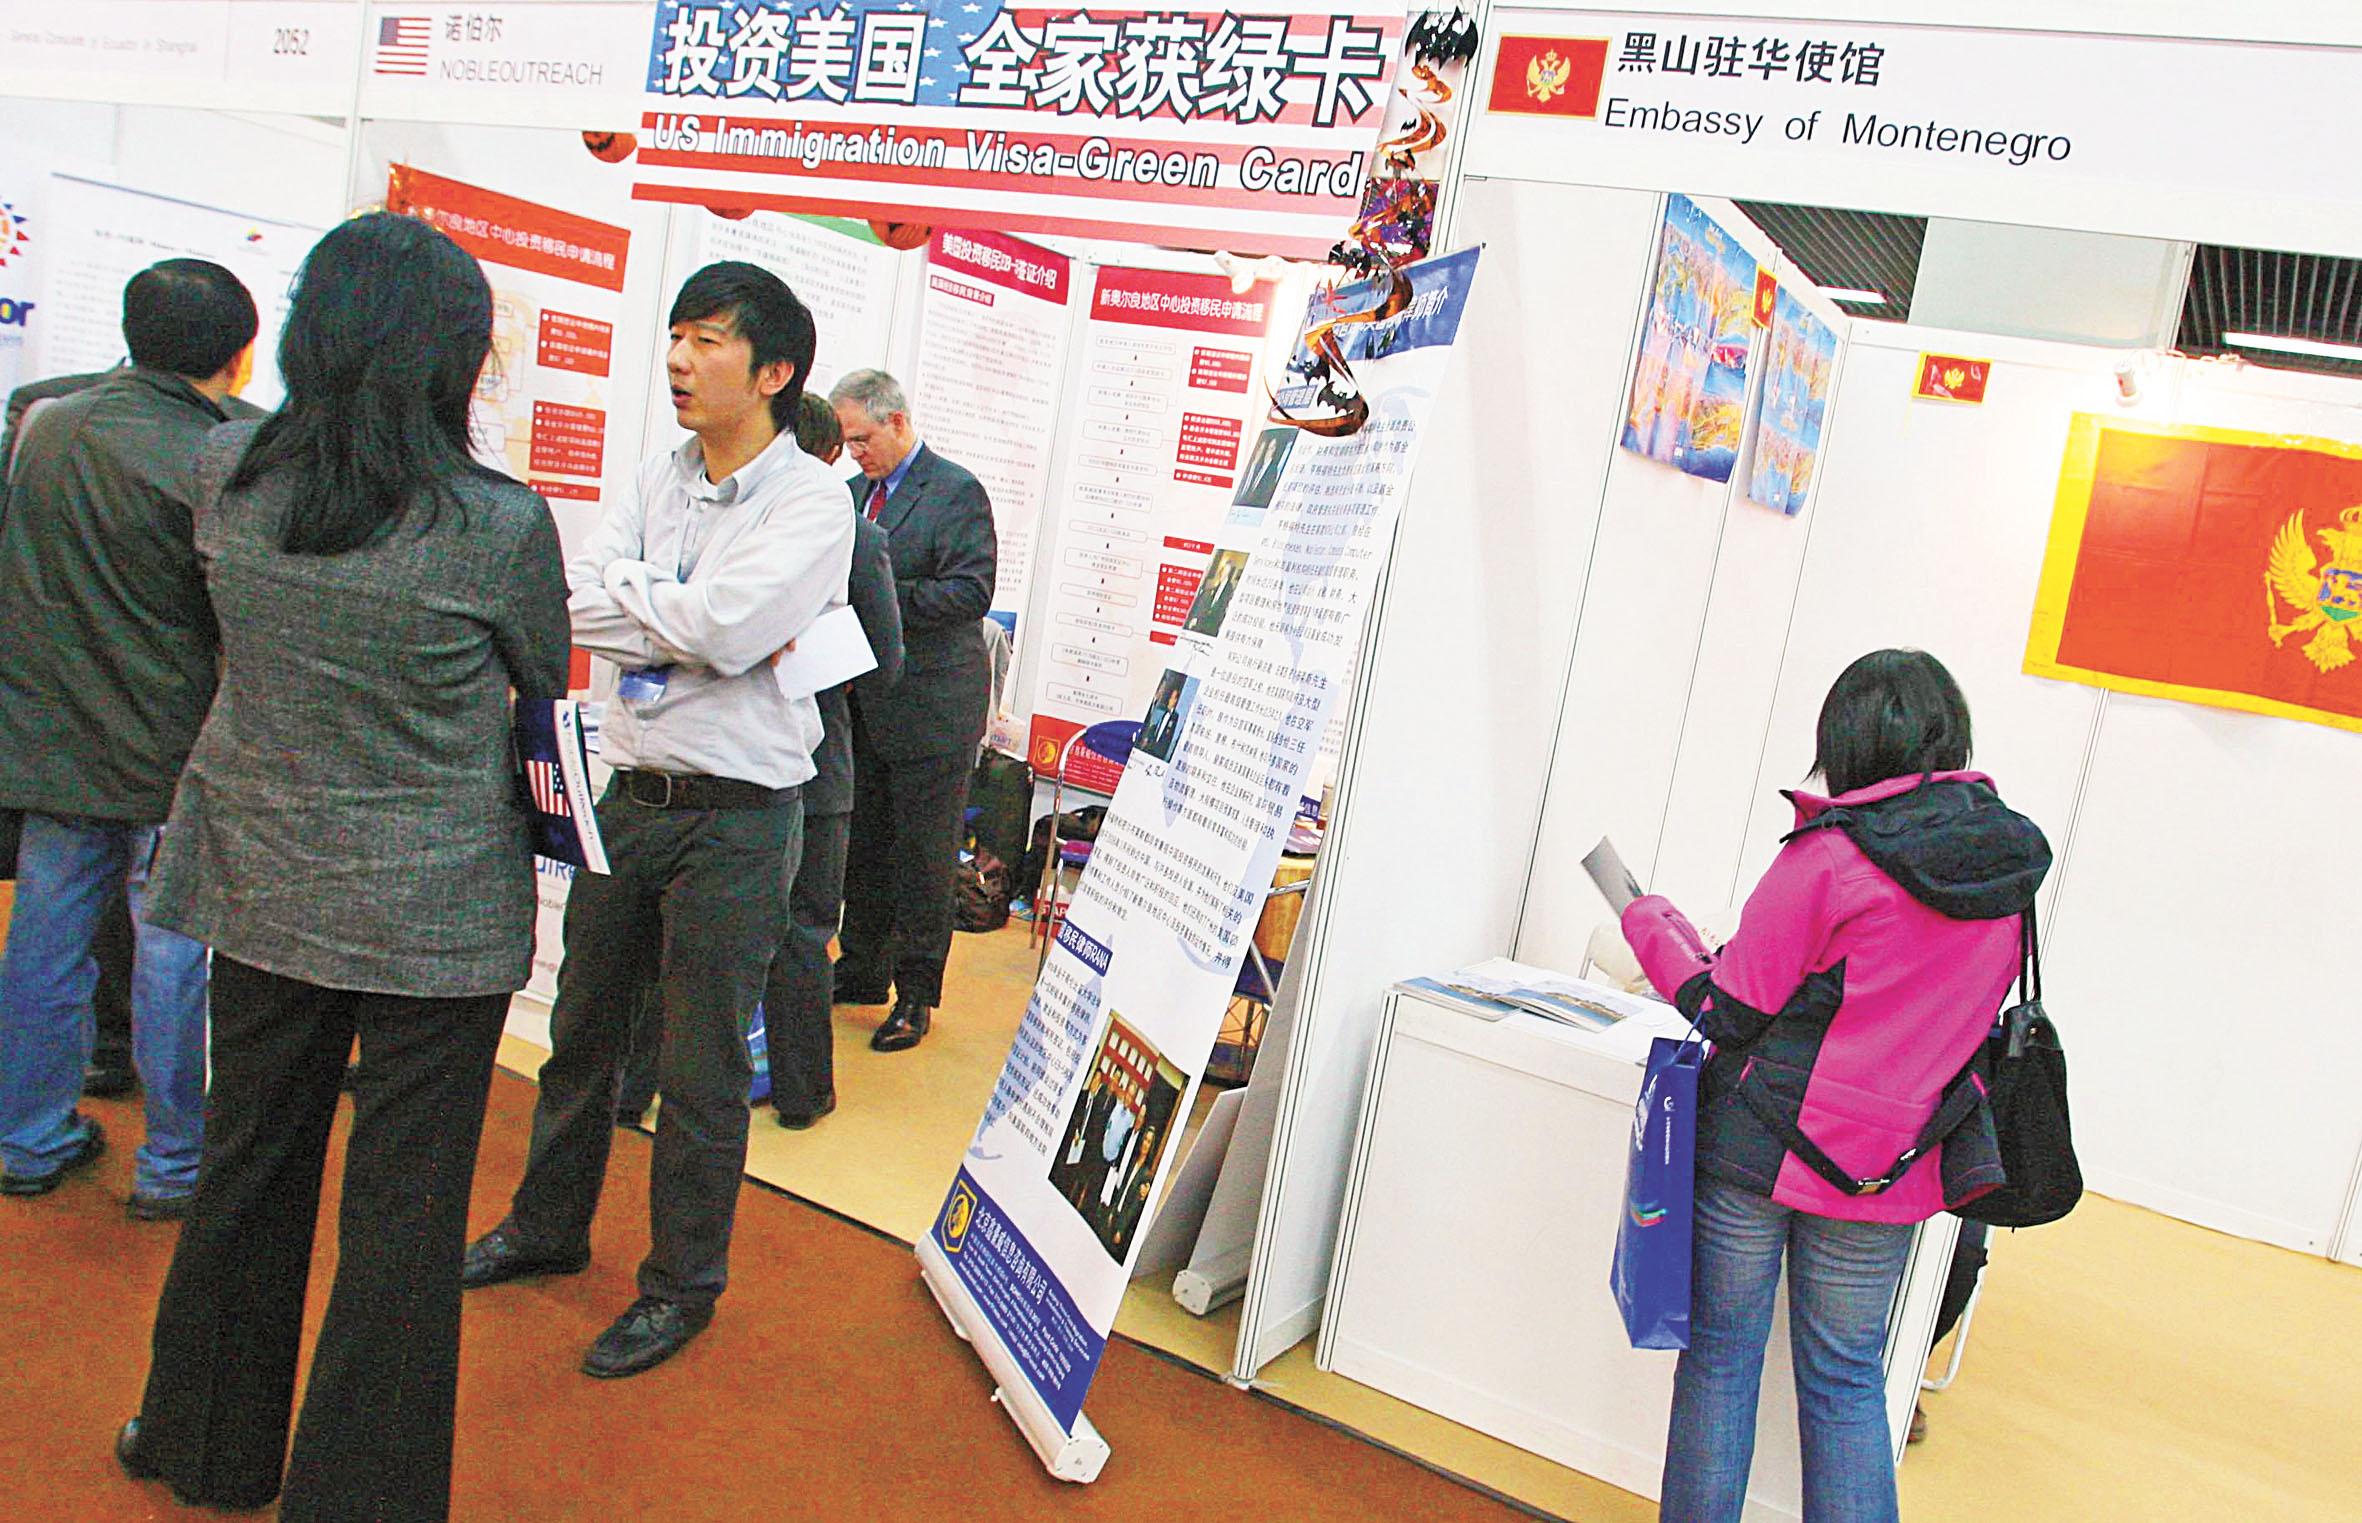 許多中國人通過投資移民入籍美國。圖為中國對外投資合作洽談會展會上,一家投資移民美國的公司展位受到觀眾的追捧,前來詢問的觀眾絡繹不絕,與隔壁的歐洲黑山共和國展位的冷清形成強烈對比。 香港中通社資料圖片